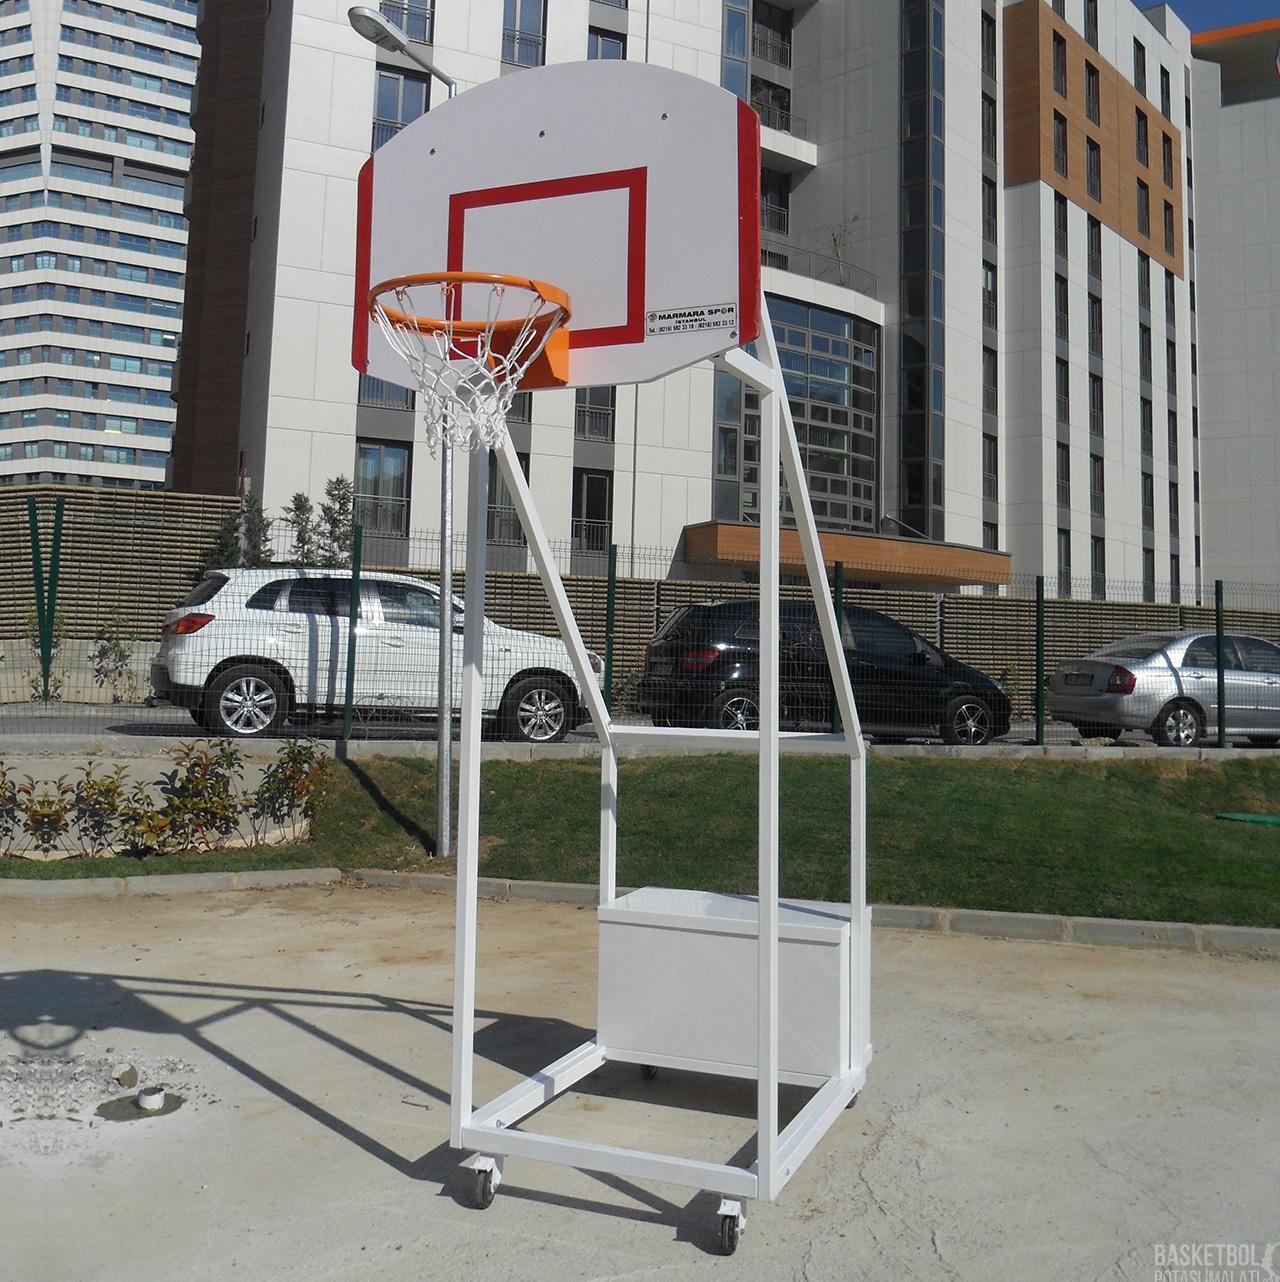 [MS612] Dört Ayaklı Seyyar USA Panyalı Basketbol Potası